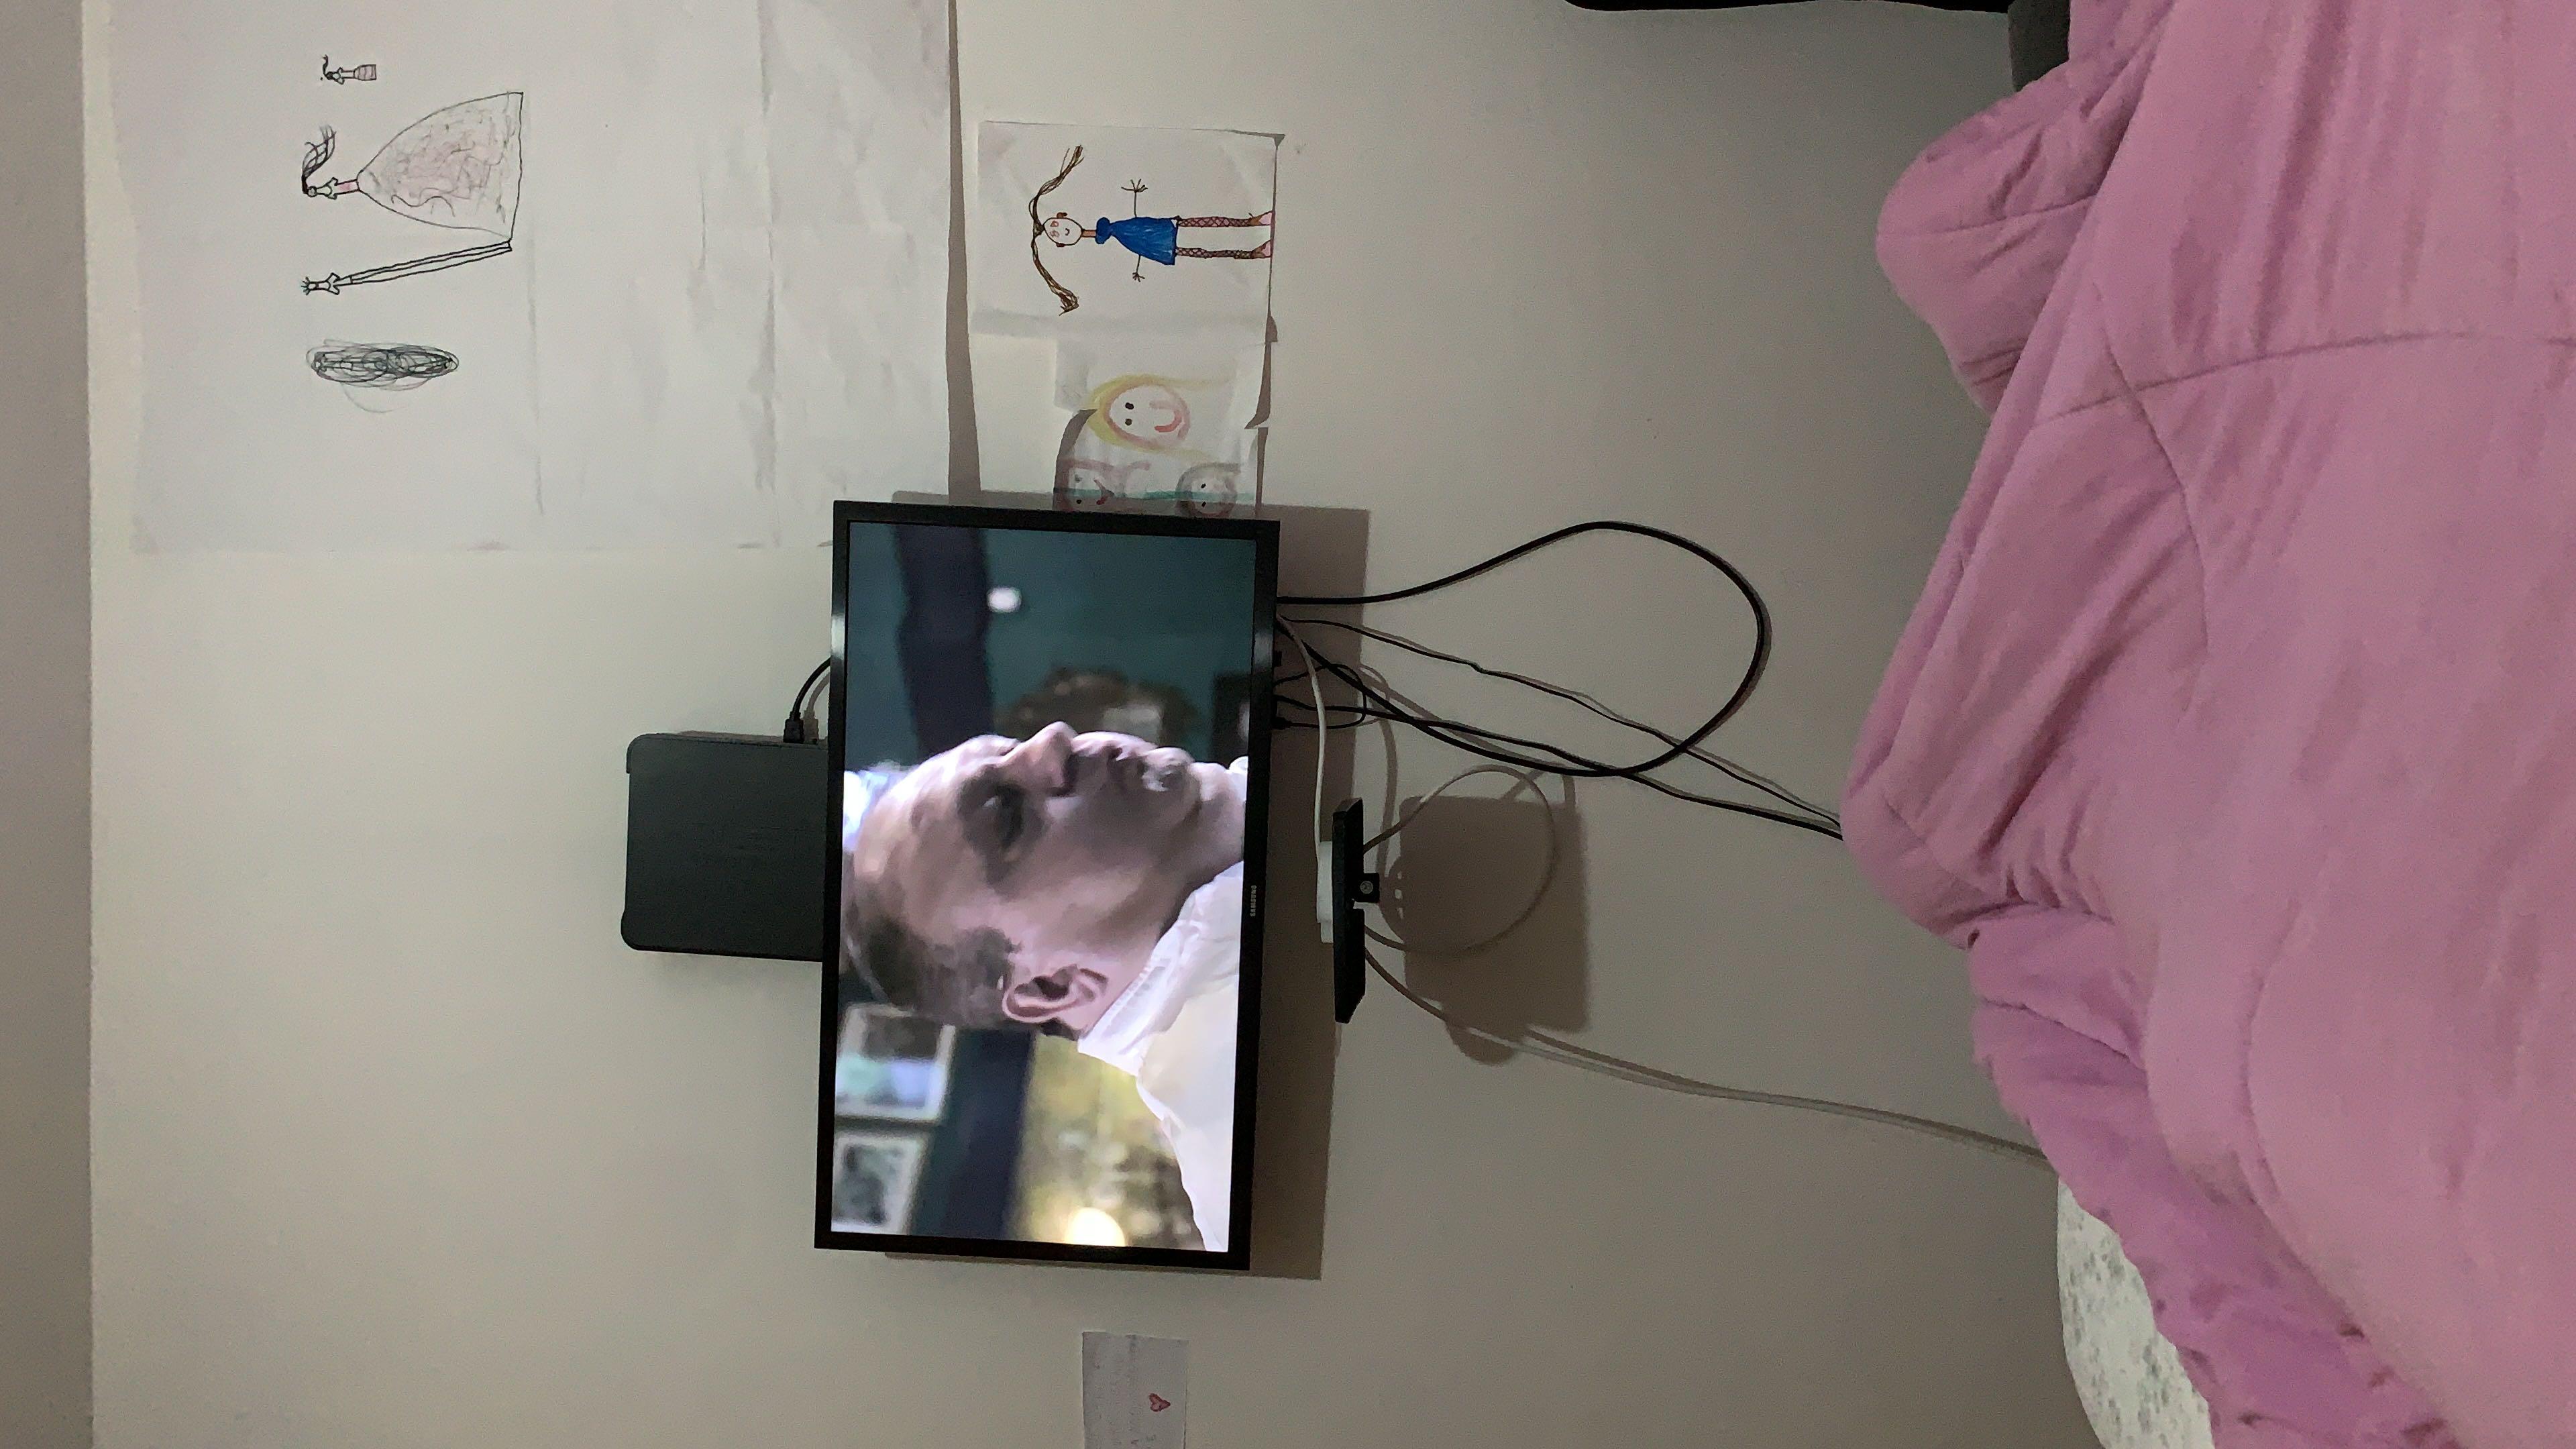 Instalação de televisão enviado por cliente